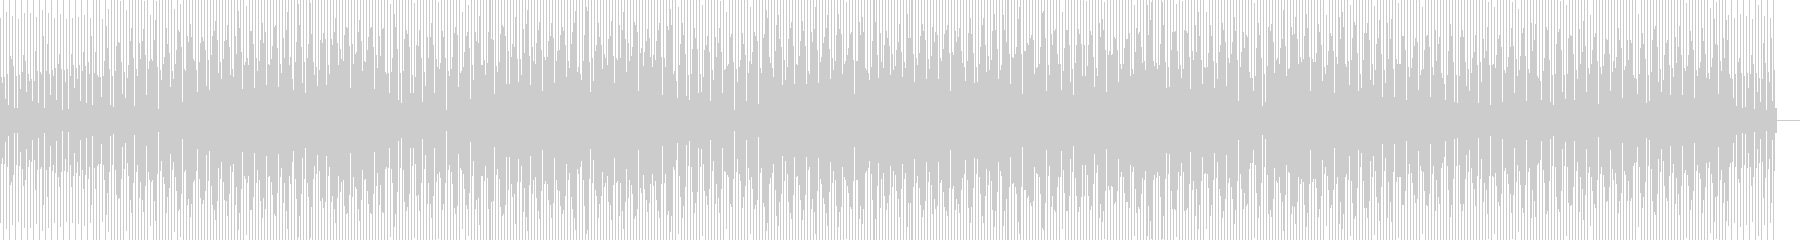 浮遊感のあるインストハウスの未再生の波形